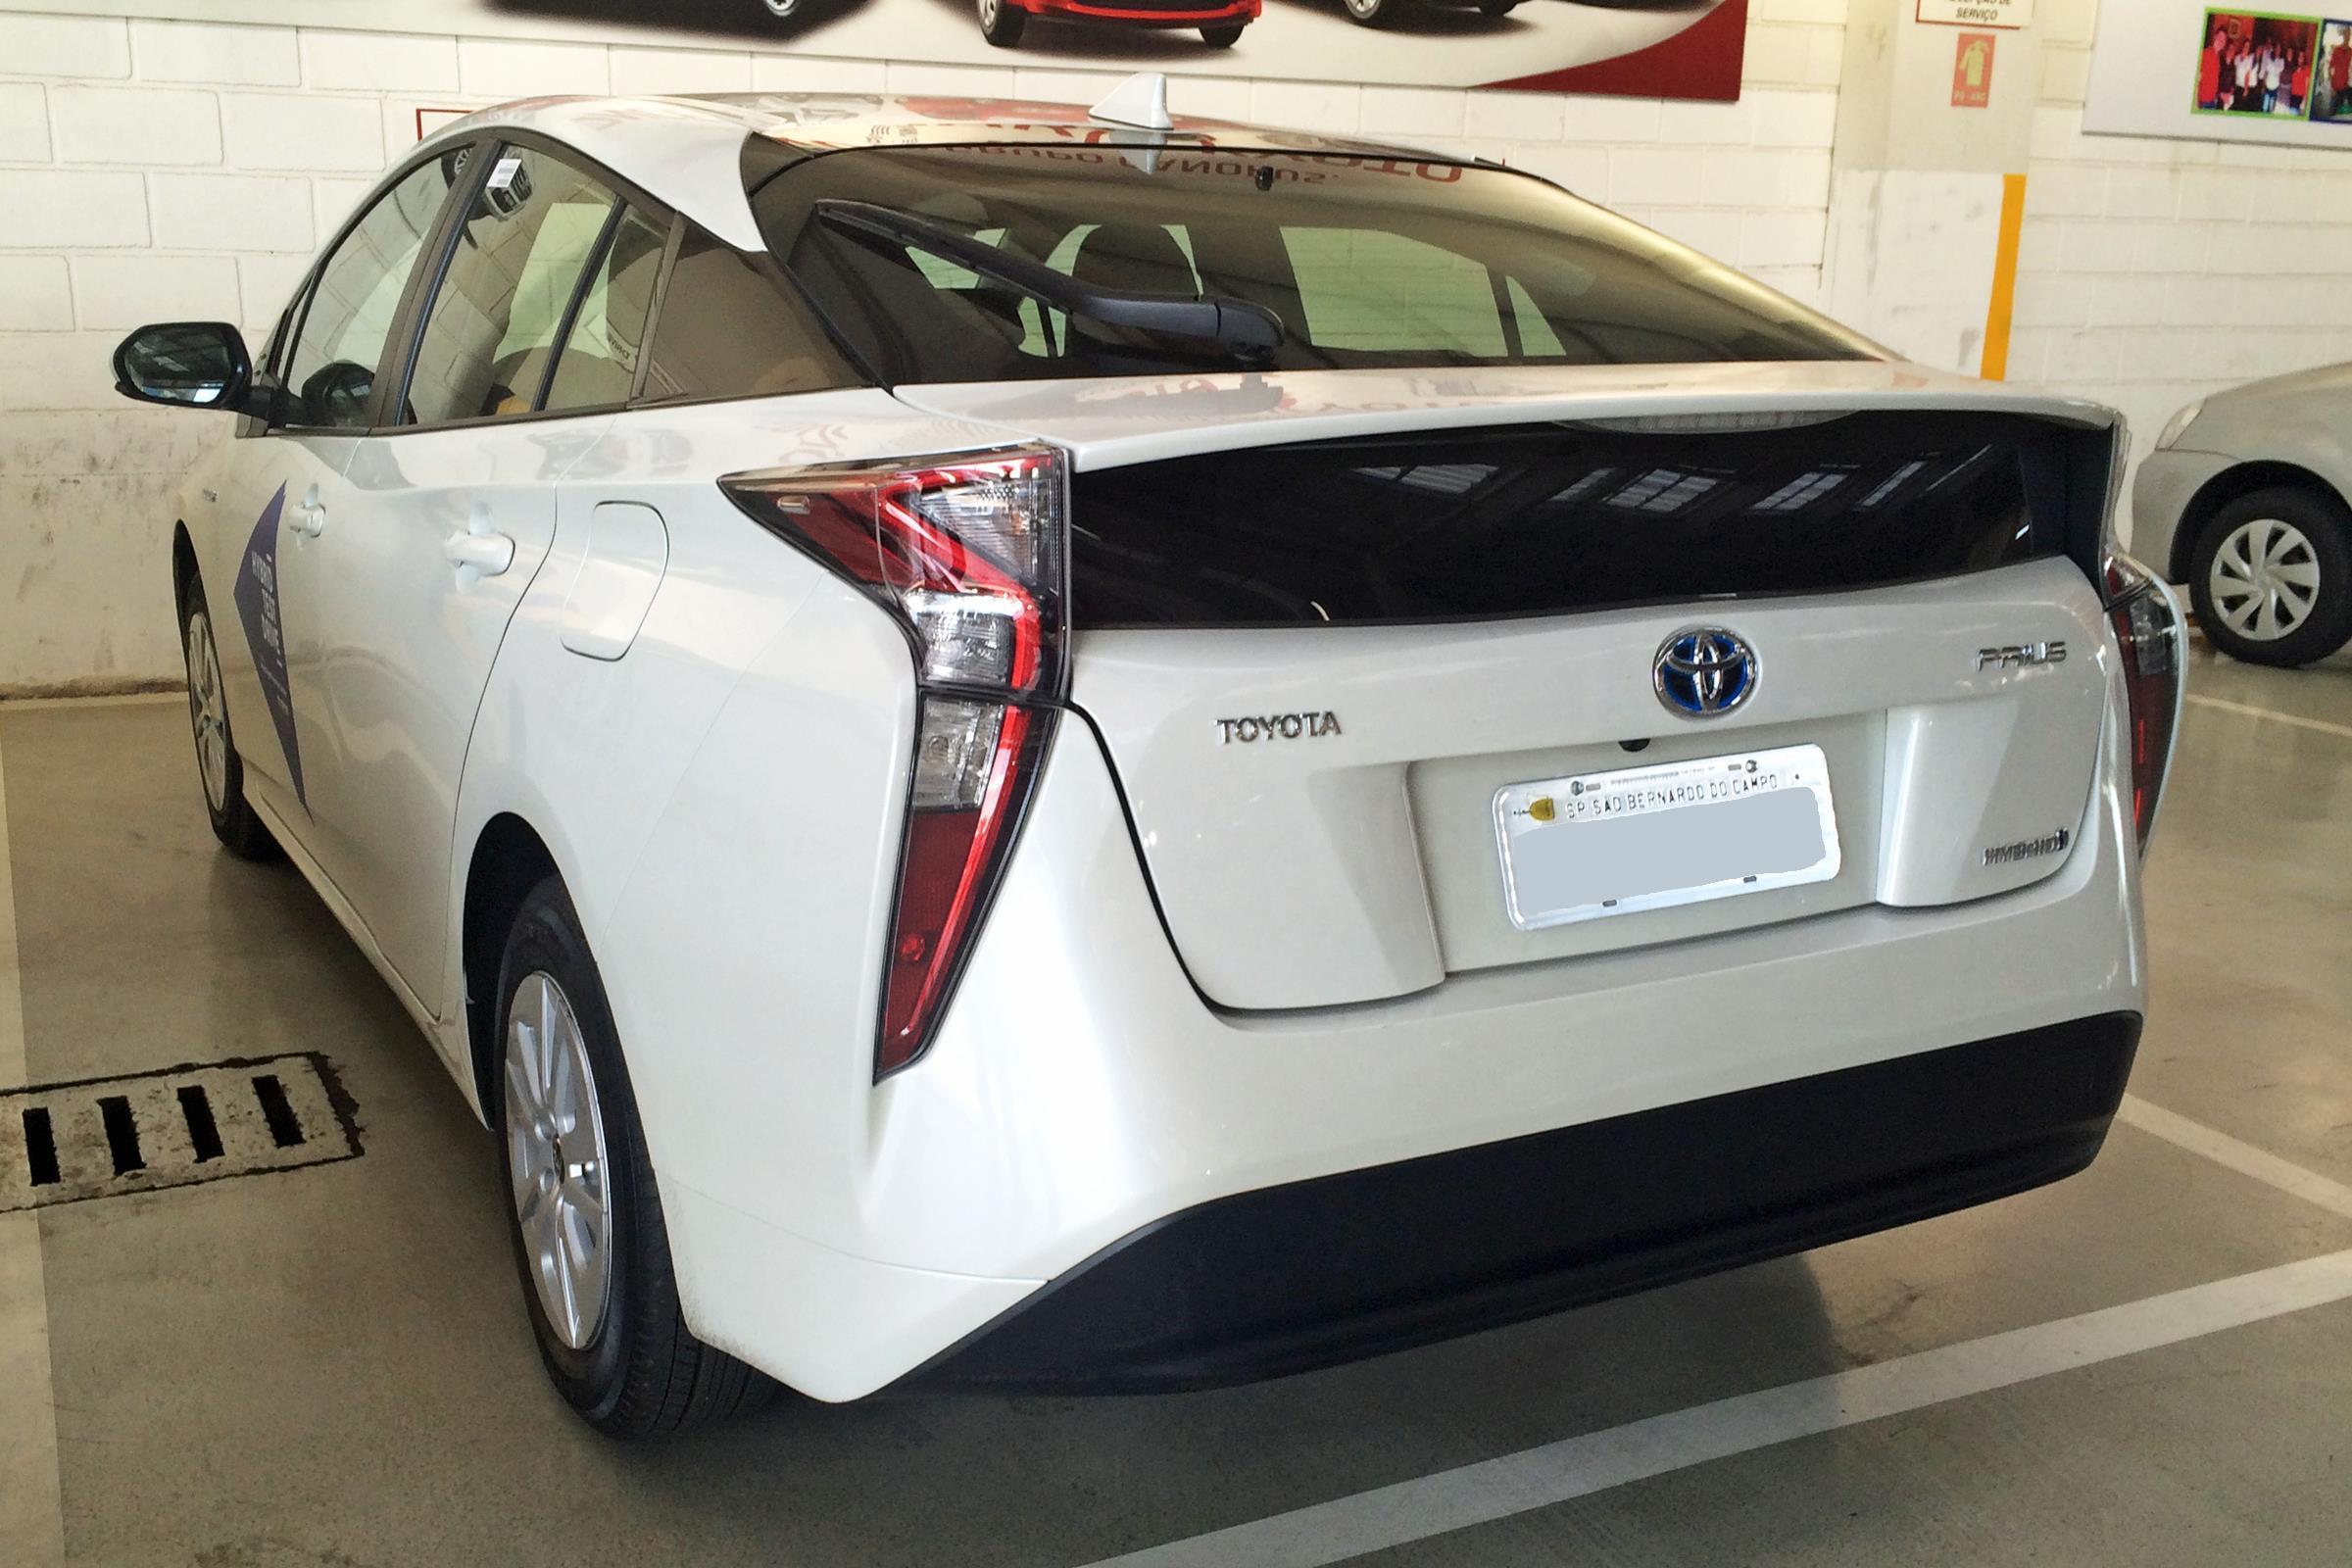 Toyota chậm thay đổi, xe sang bị chê xấu như cá Piranha Ảnh 4